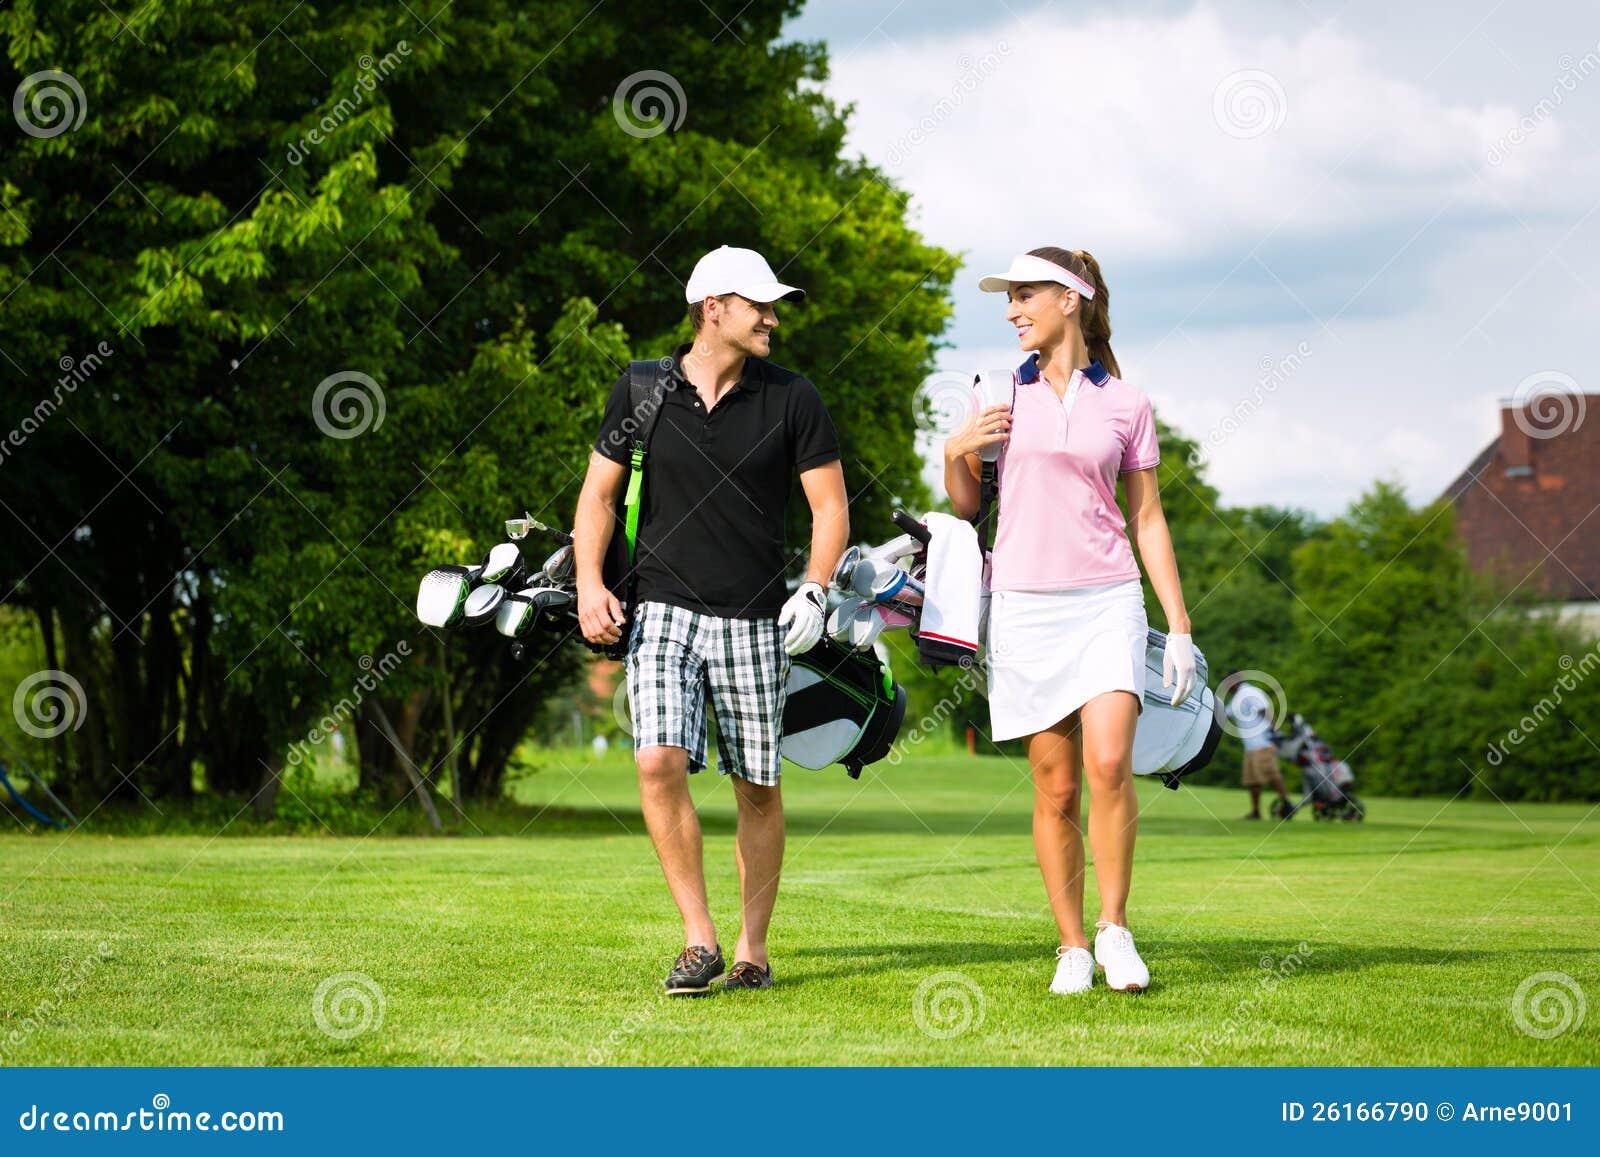 Pares juguetones jovenes que juegan a golf en un curso